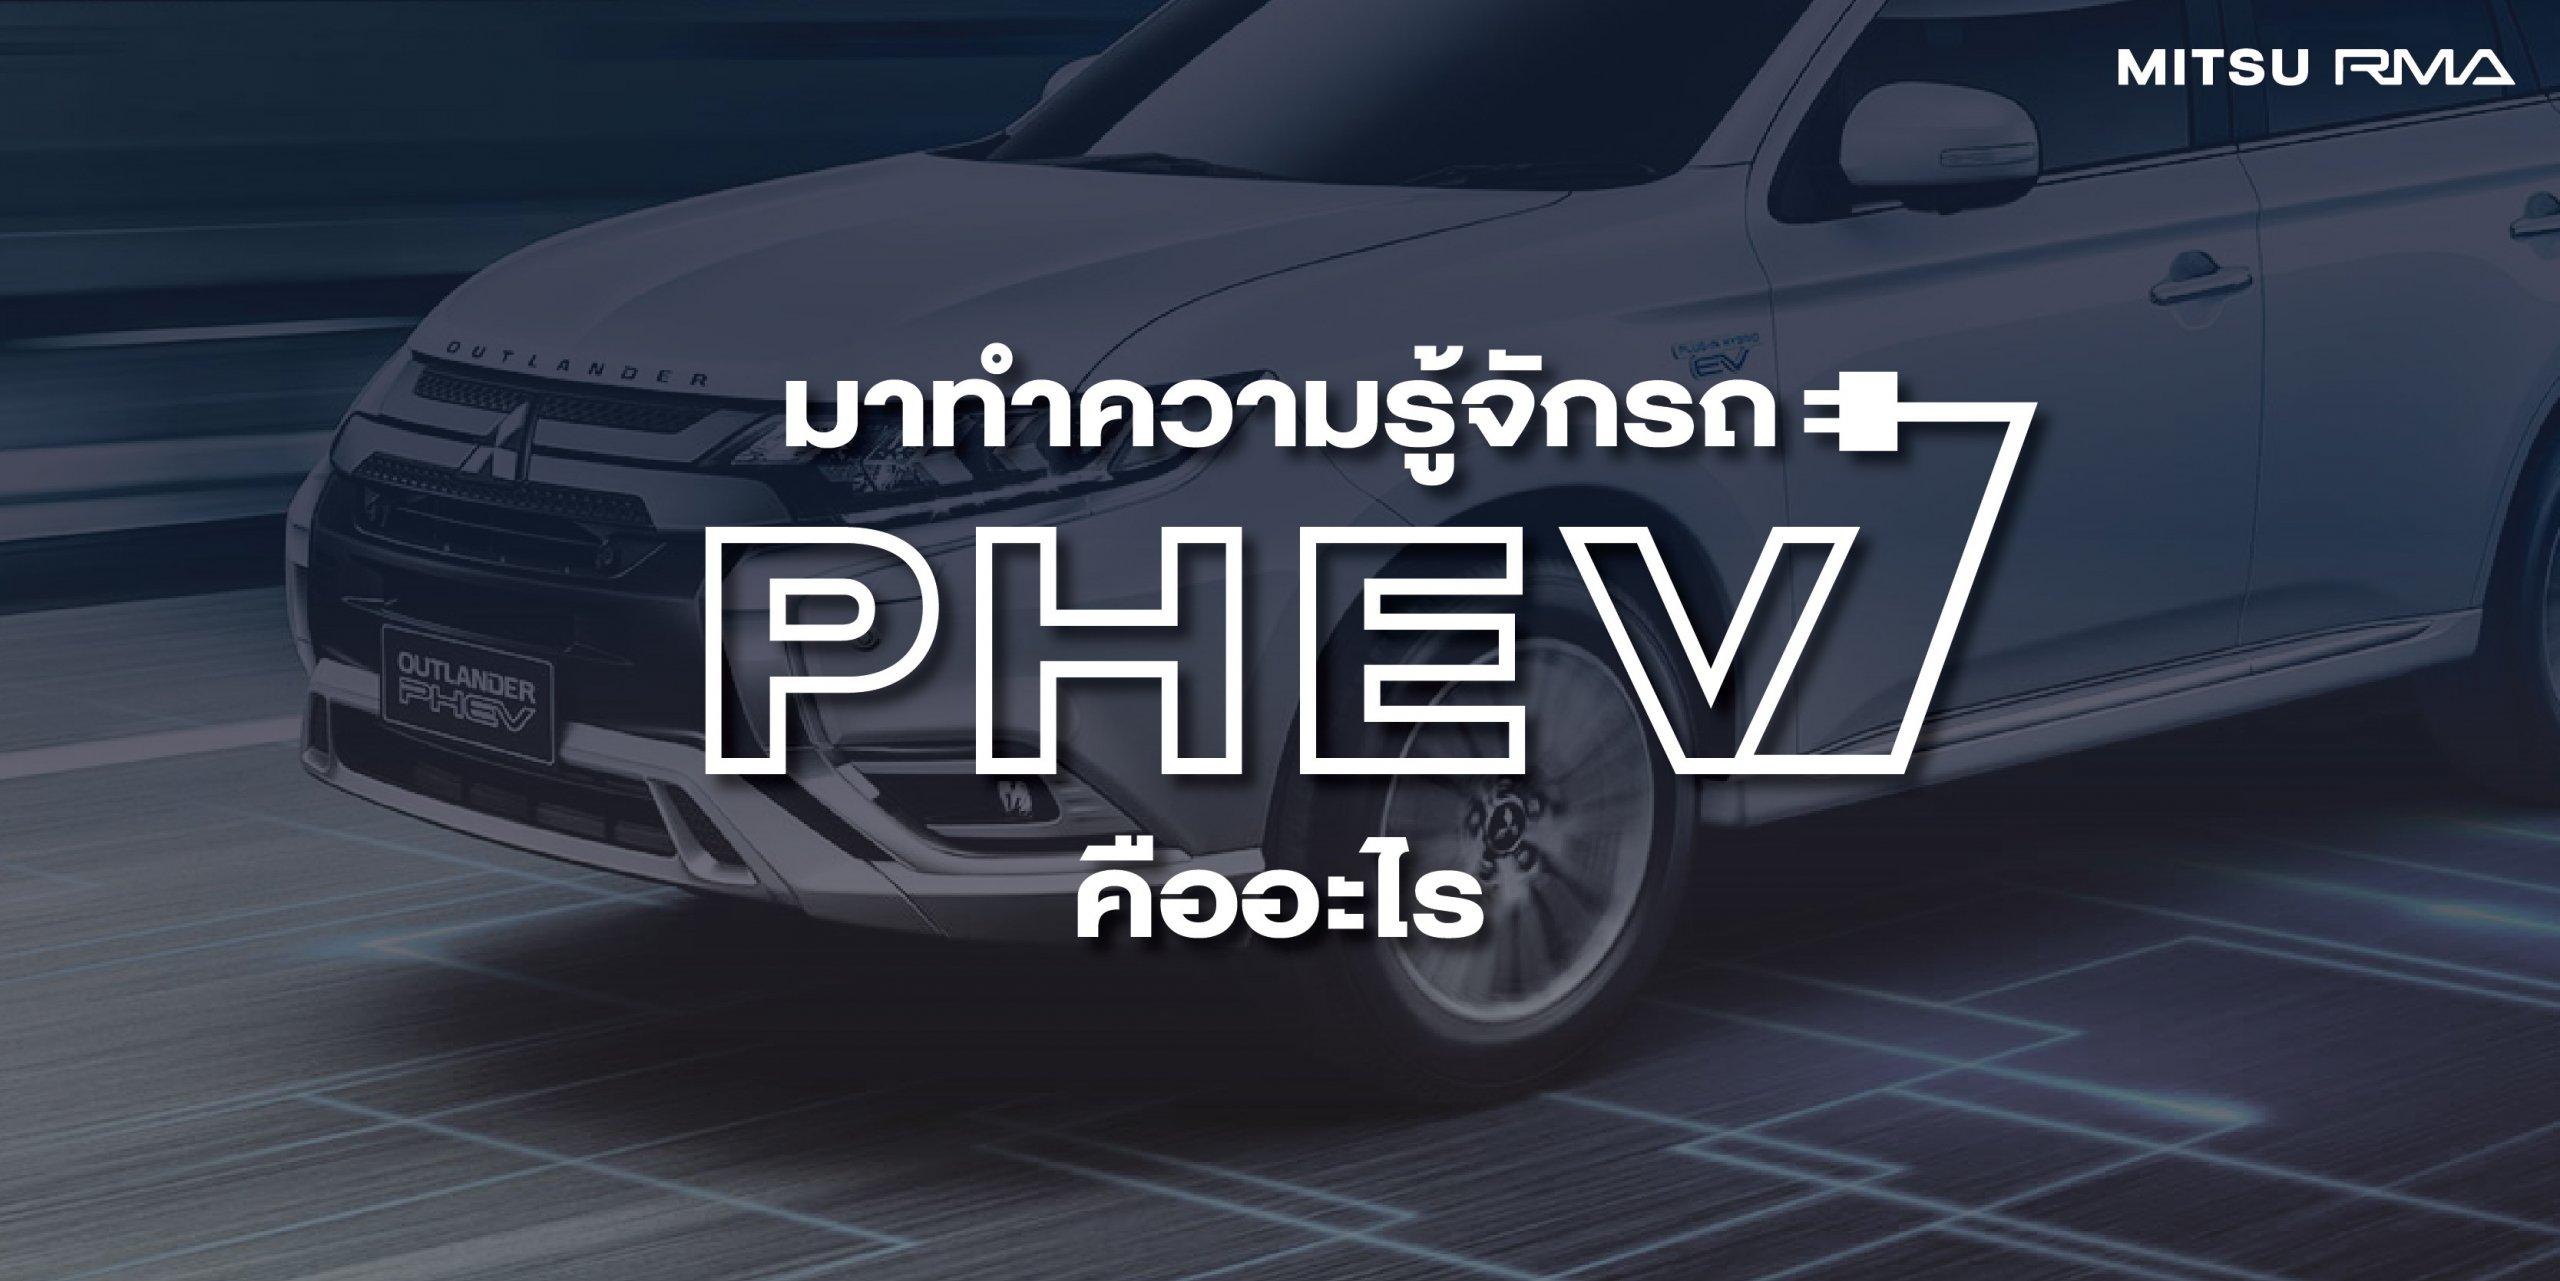 รถ PHEV หรือ ปลั๊กอิน-ไฮบริด PHEV คืออะไร